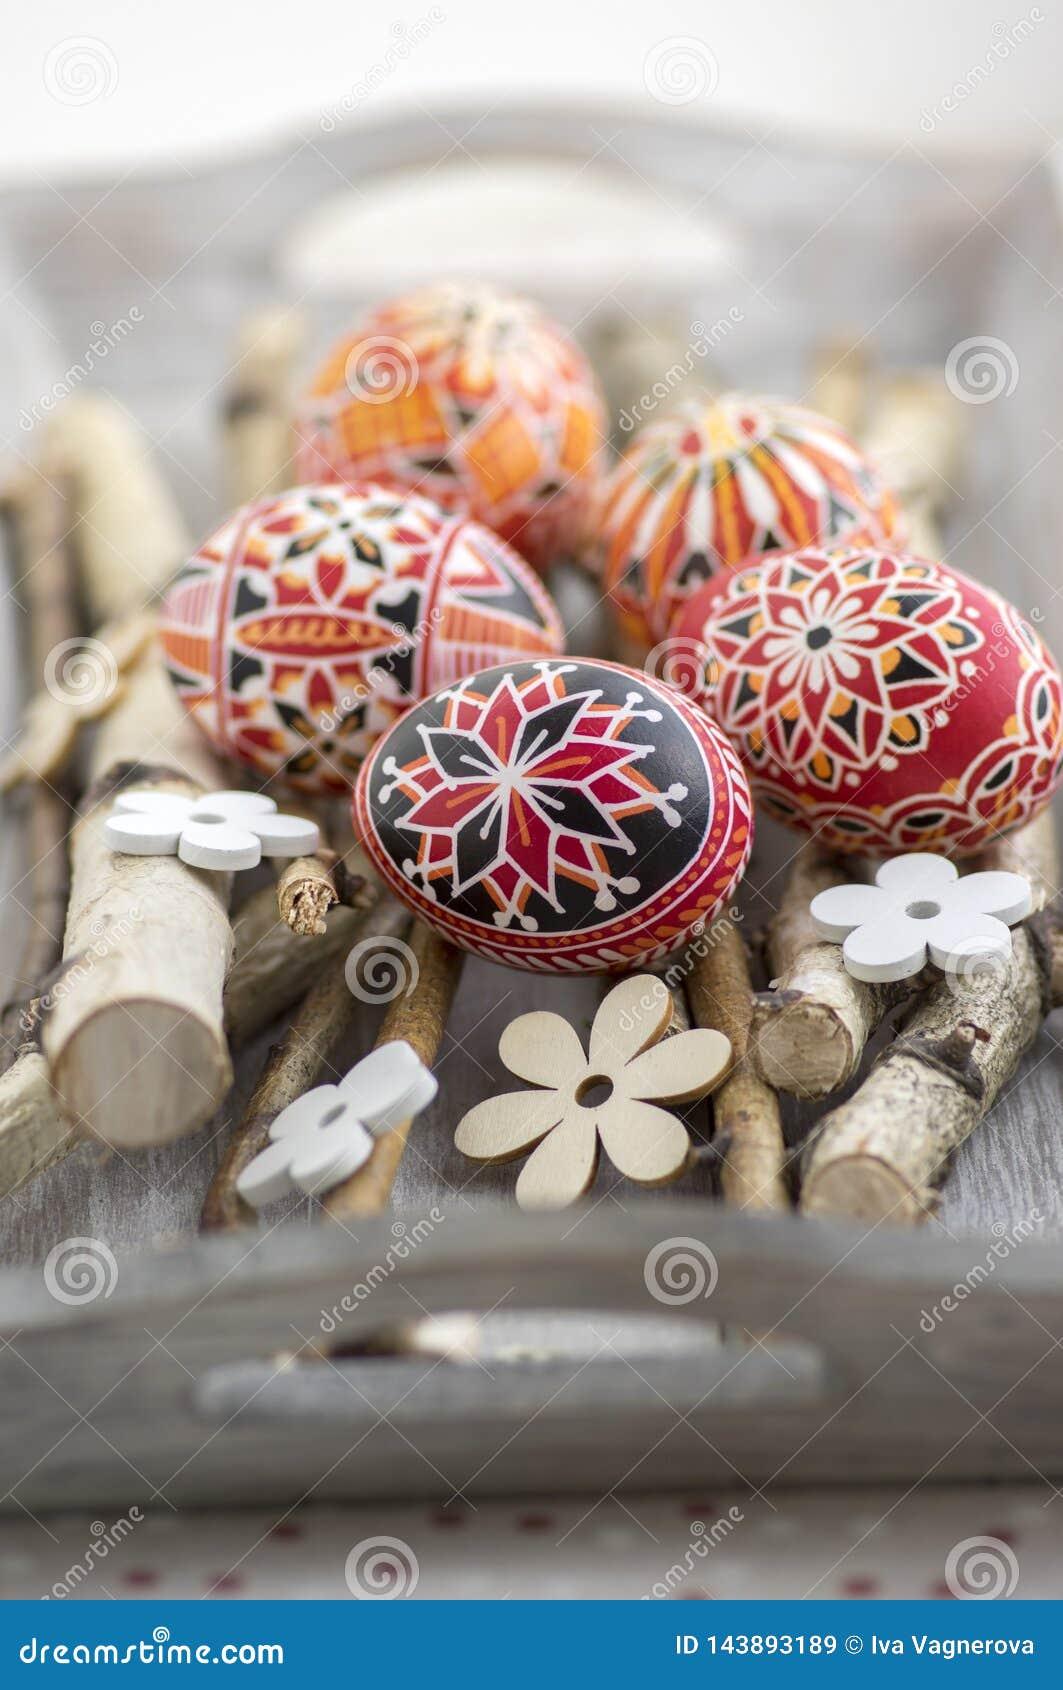 Домодельные handmade покрашенные пасхальные яйца на ветвях березы на сером деревянном подносе, традиционные яйца hnadcraft, белые